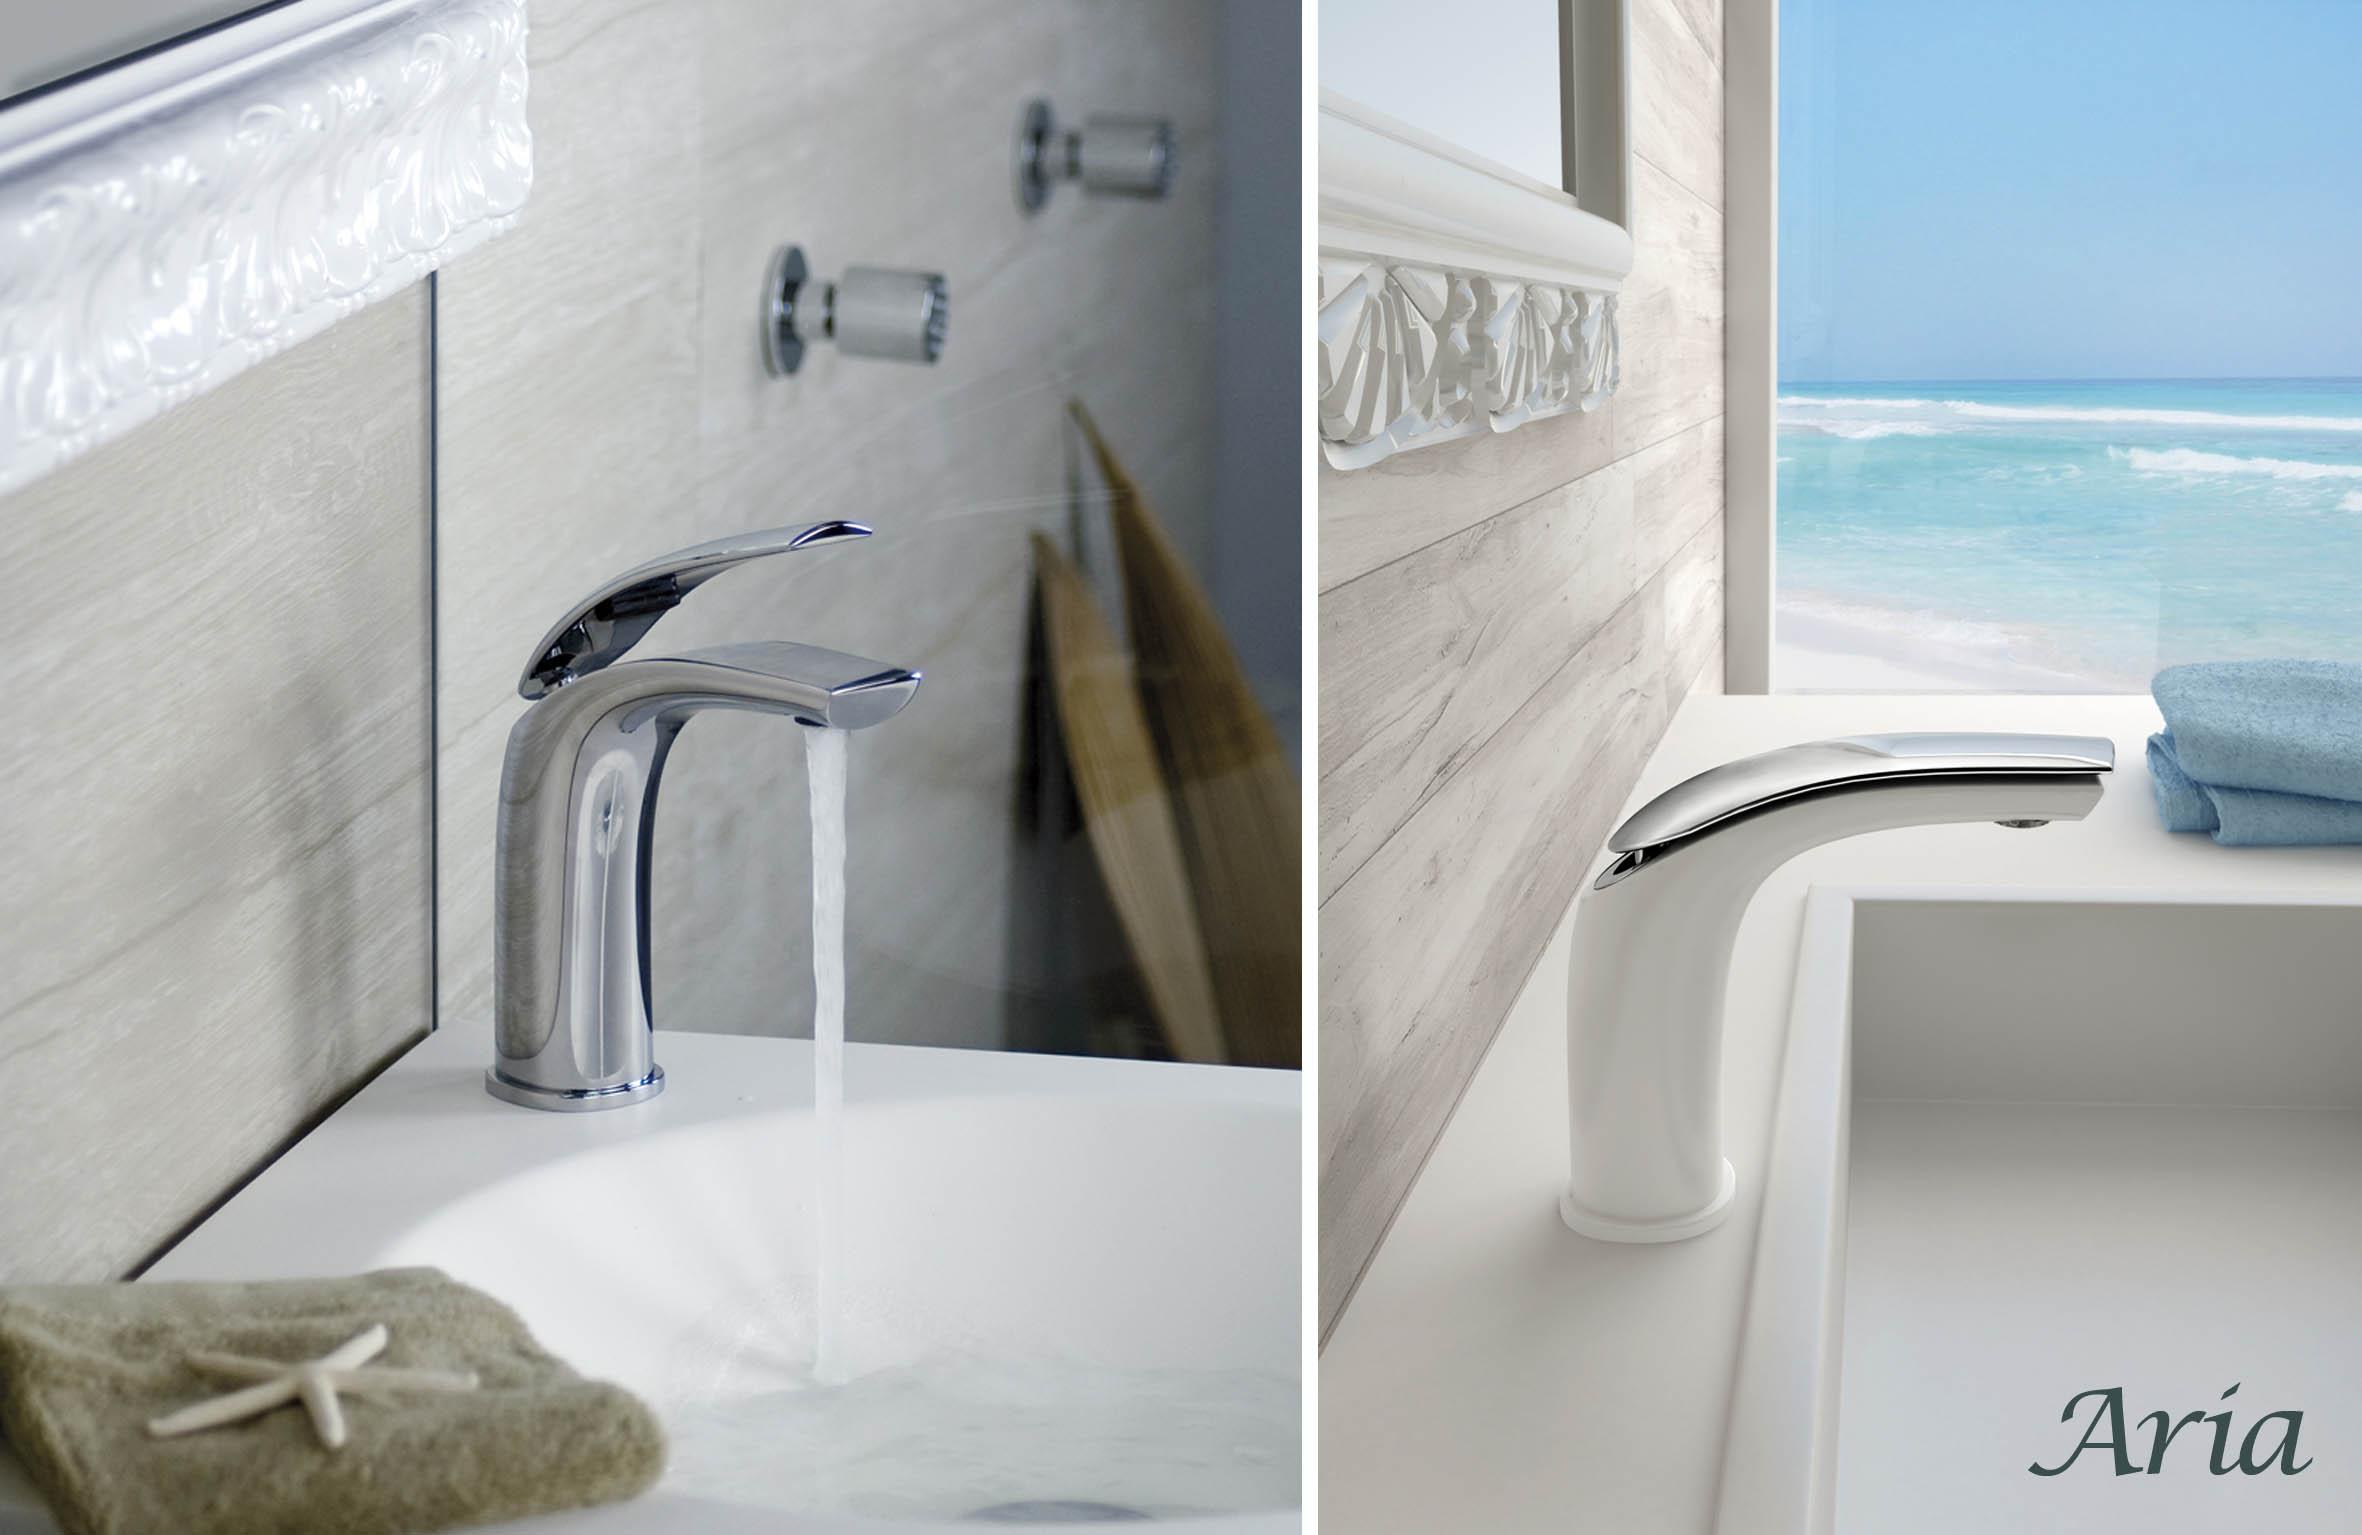 Scegliere il lavabo da incasso semincasso o integrato nel top